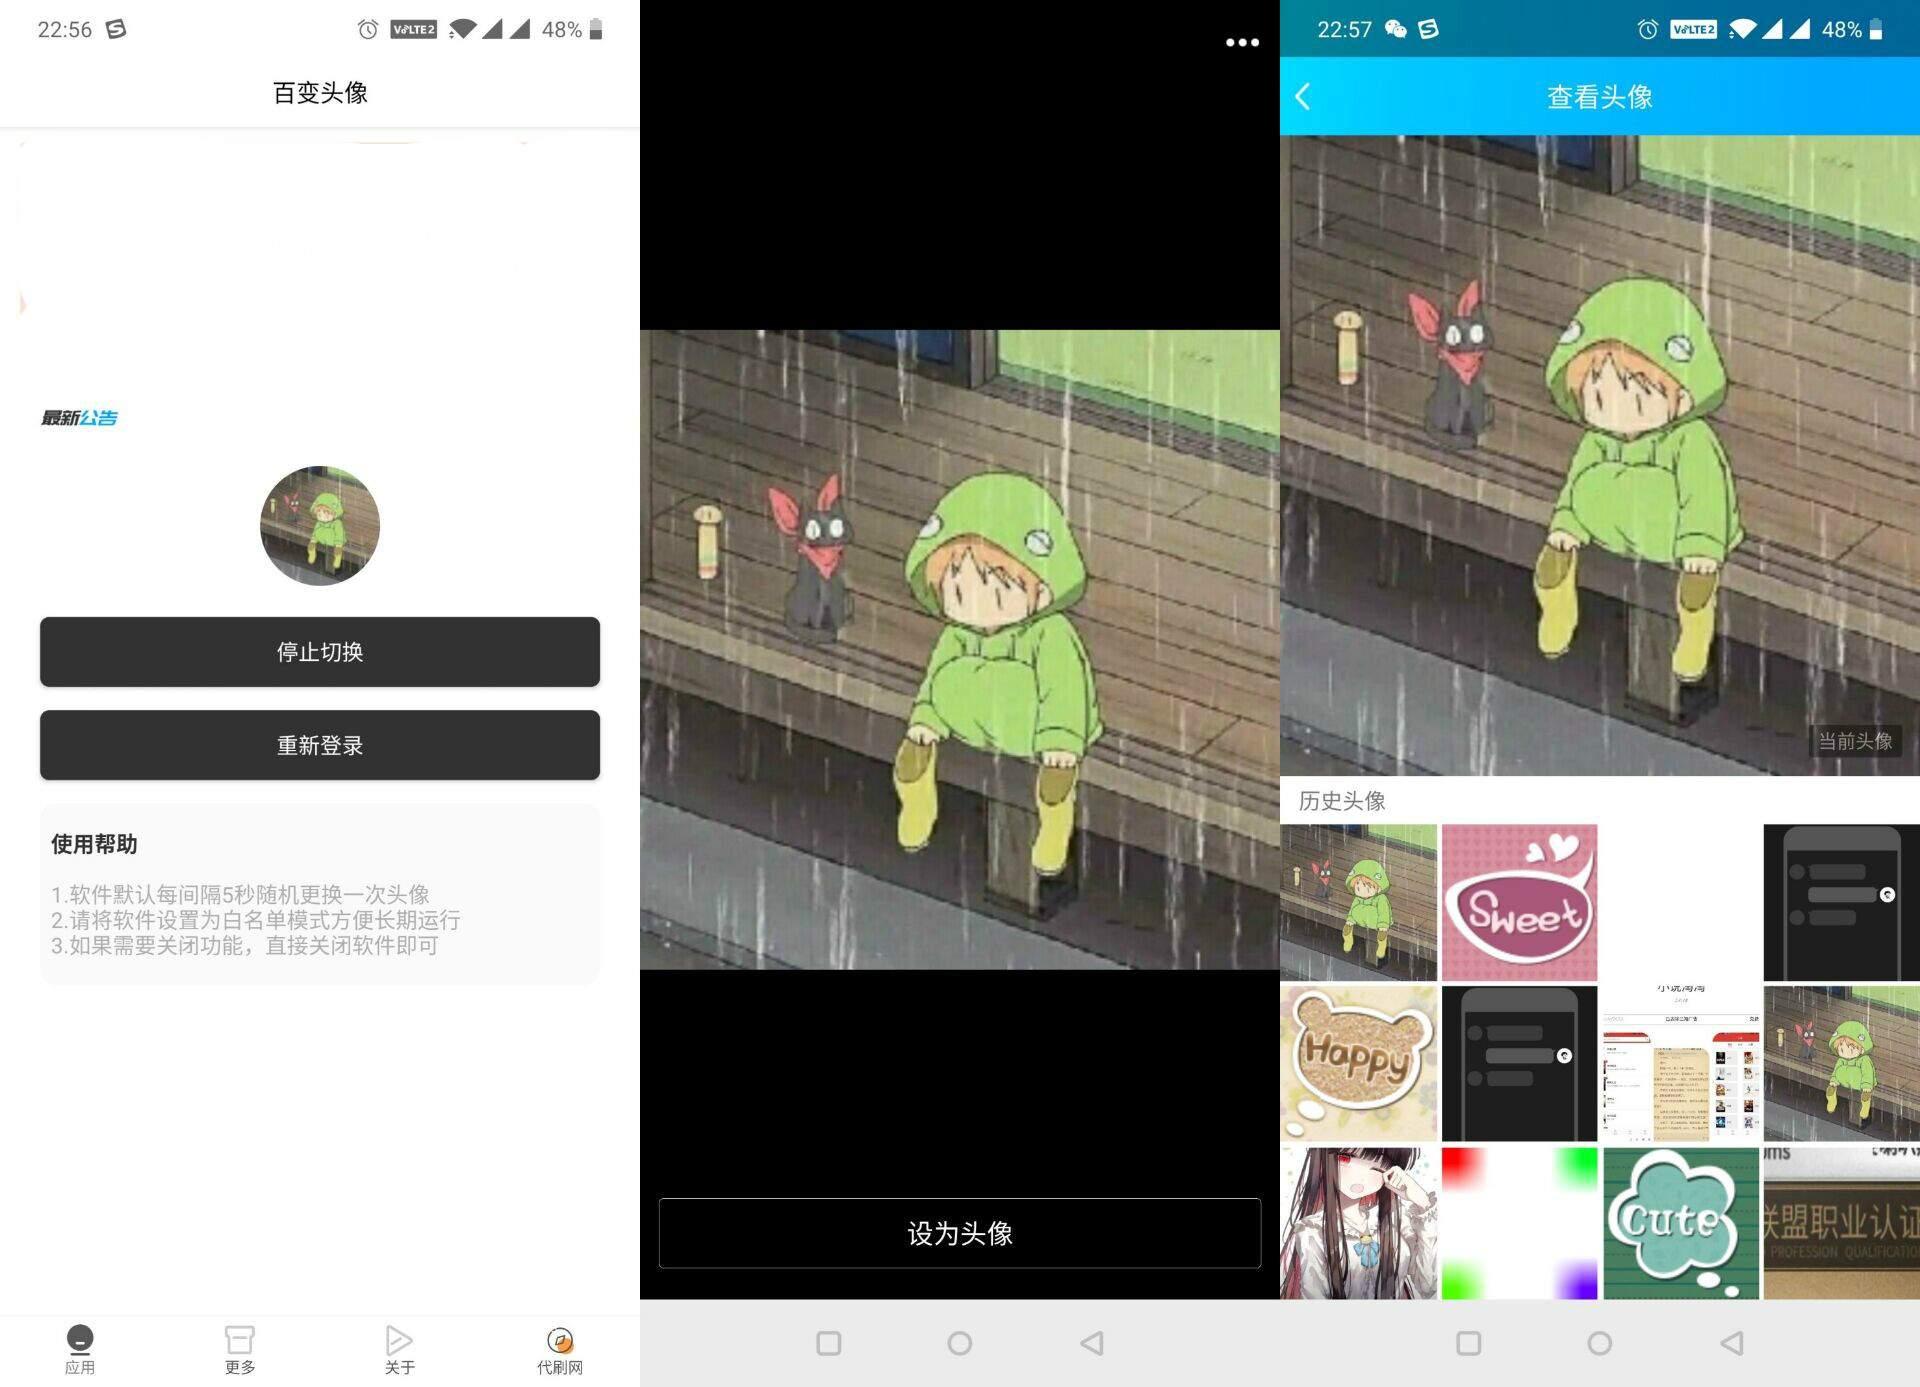 安卓版QQ百变头像装X神器